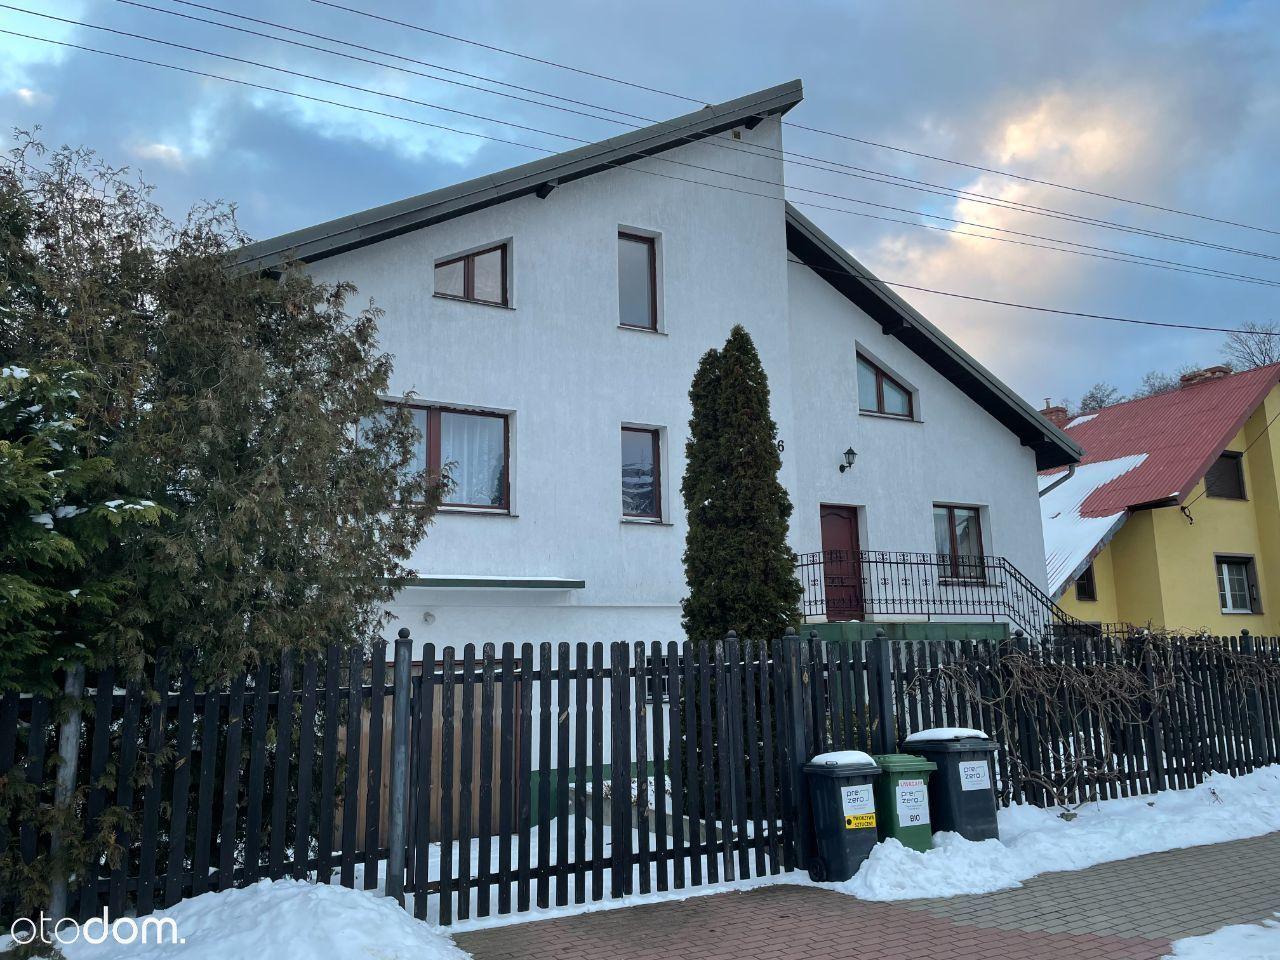 Dom Wrzosowa Nowa Sól do zamieszkania 162m2 działk